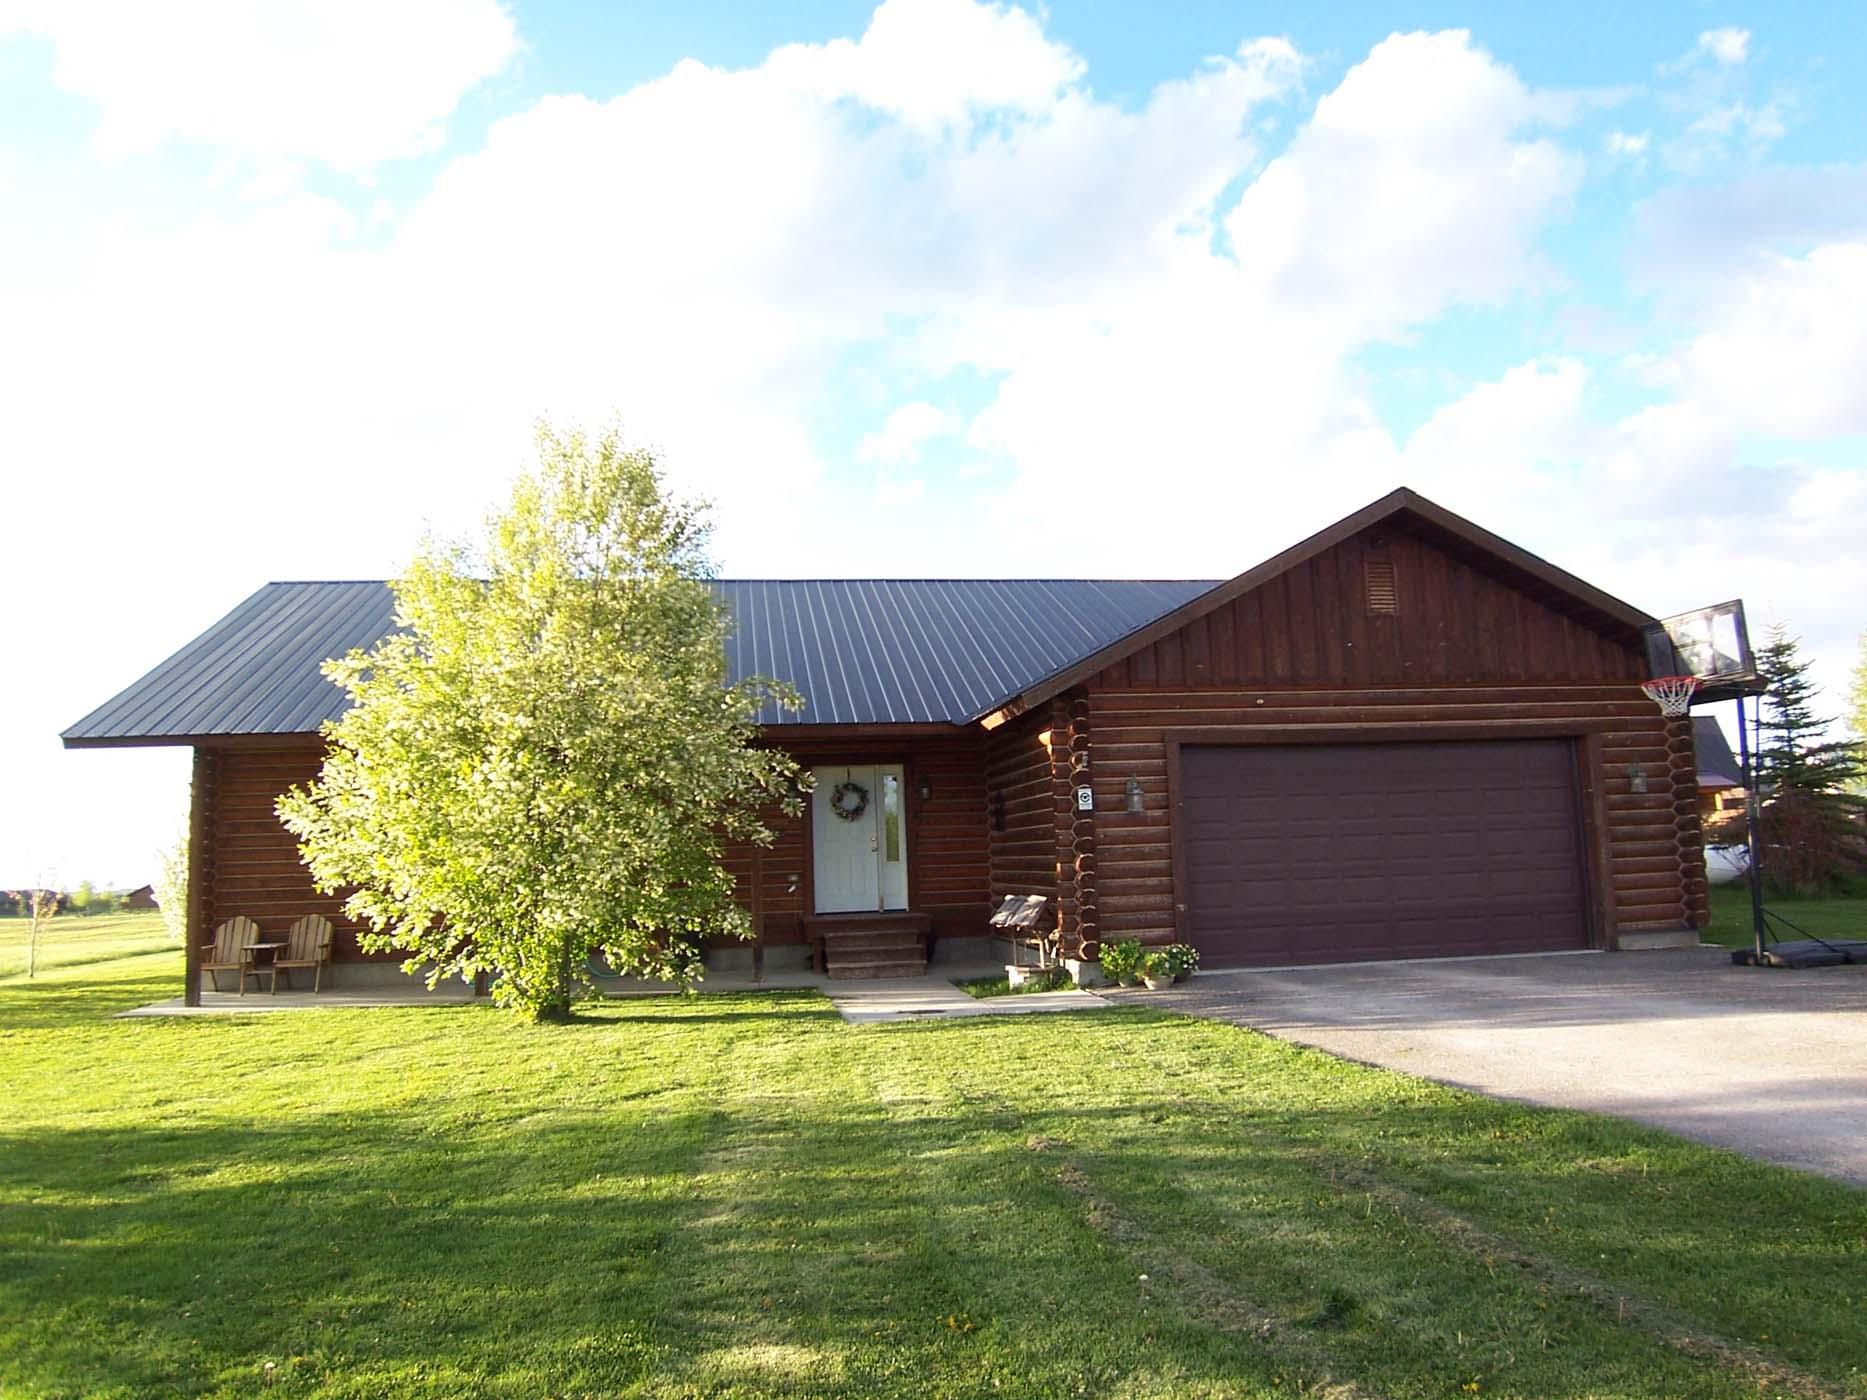 Maison unifamiliale pour l Vente à Swedish Cope Log Home- Finished Basement 5042 Country Club Drive Victor, Idaho, 83455 Jackson Hole, États-Unis